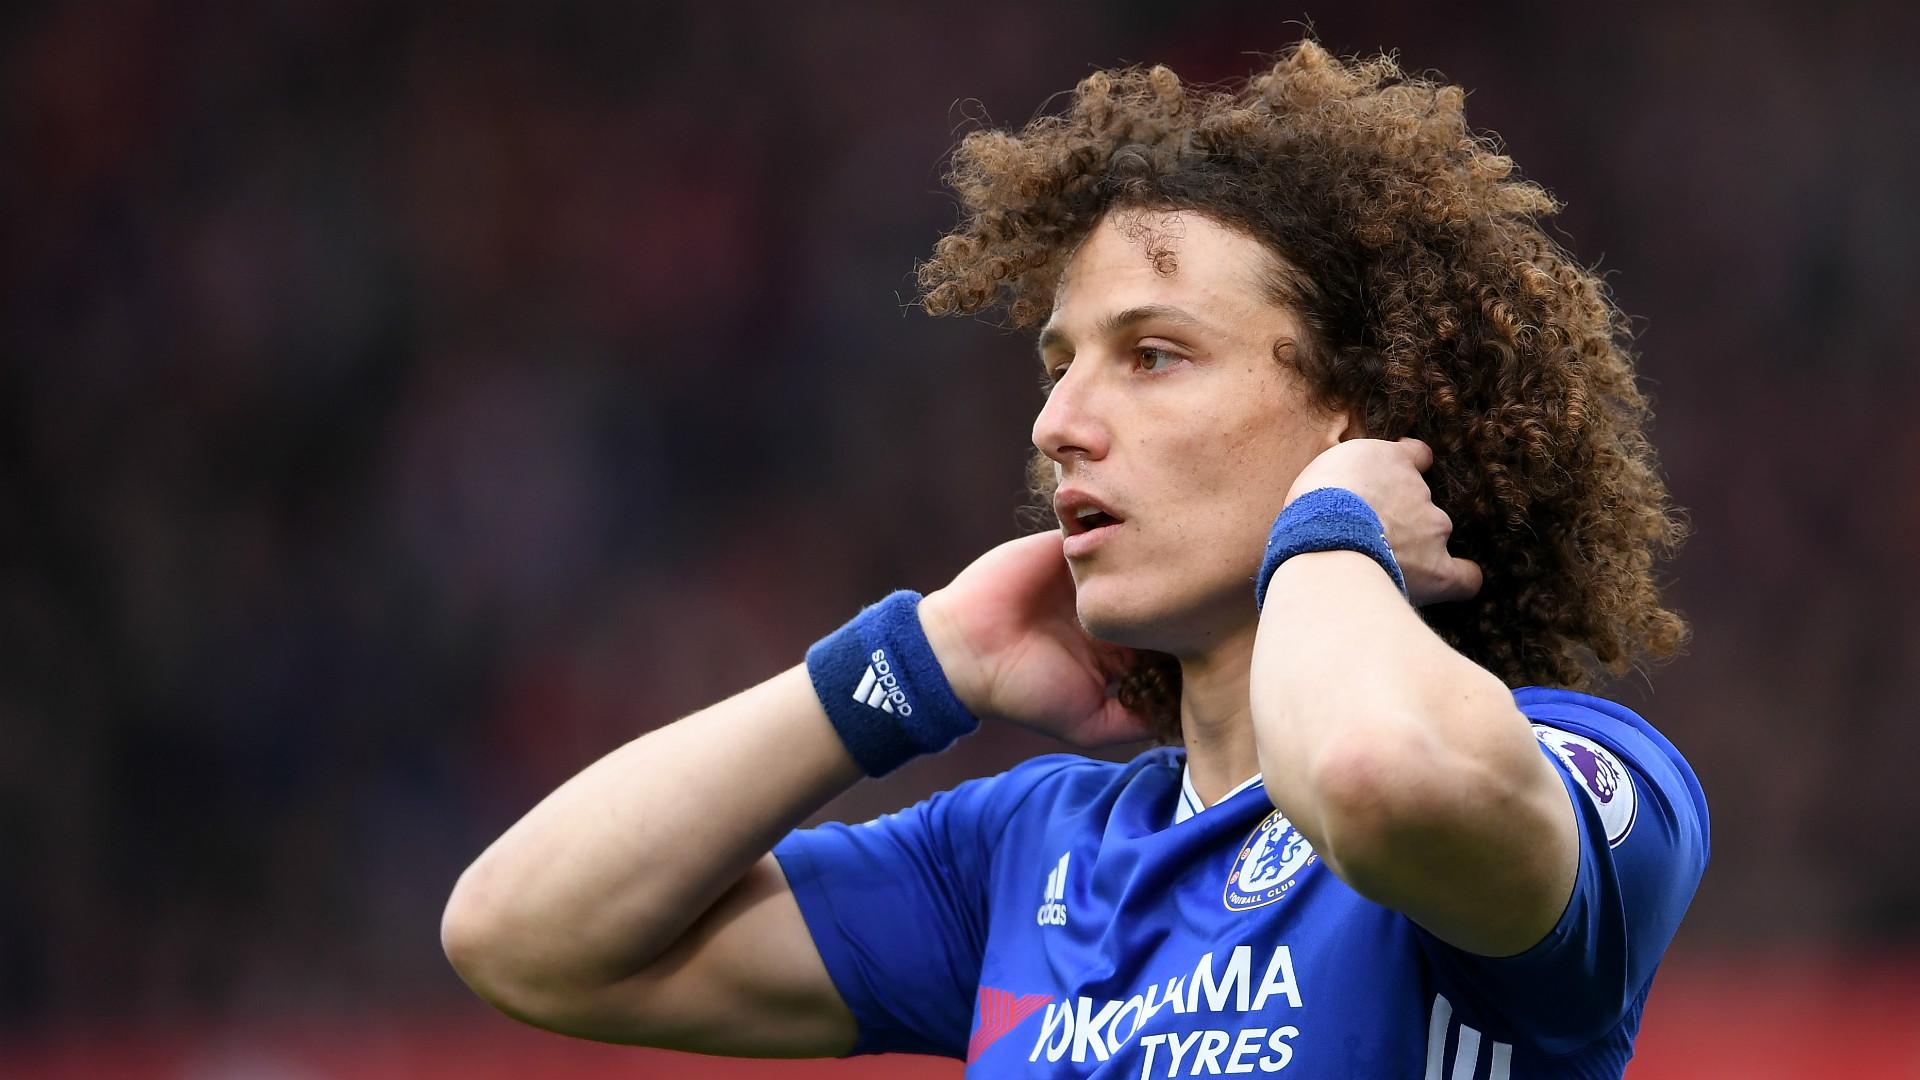 Luiz quan trọng  nhất ở Chelsea, Conte phải giữ! - Bóng Đá